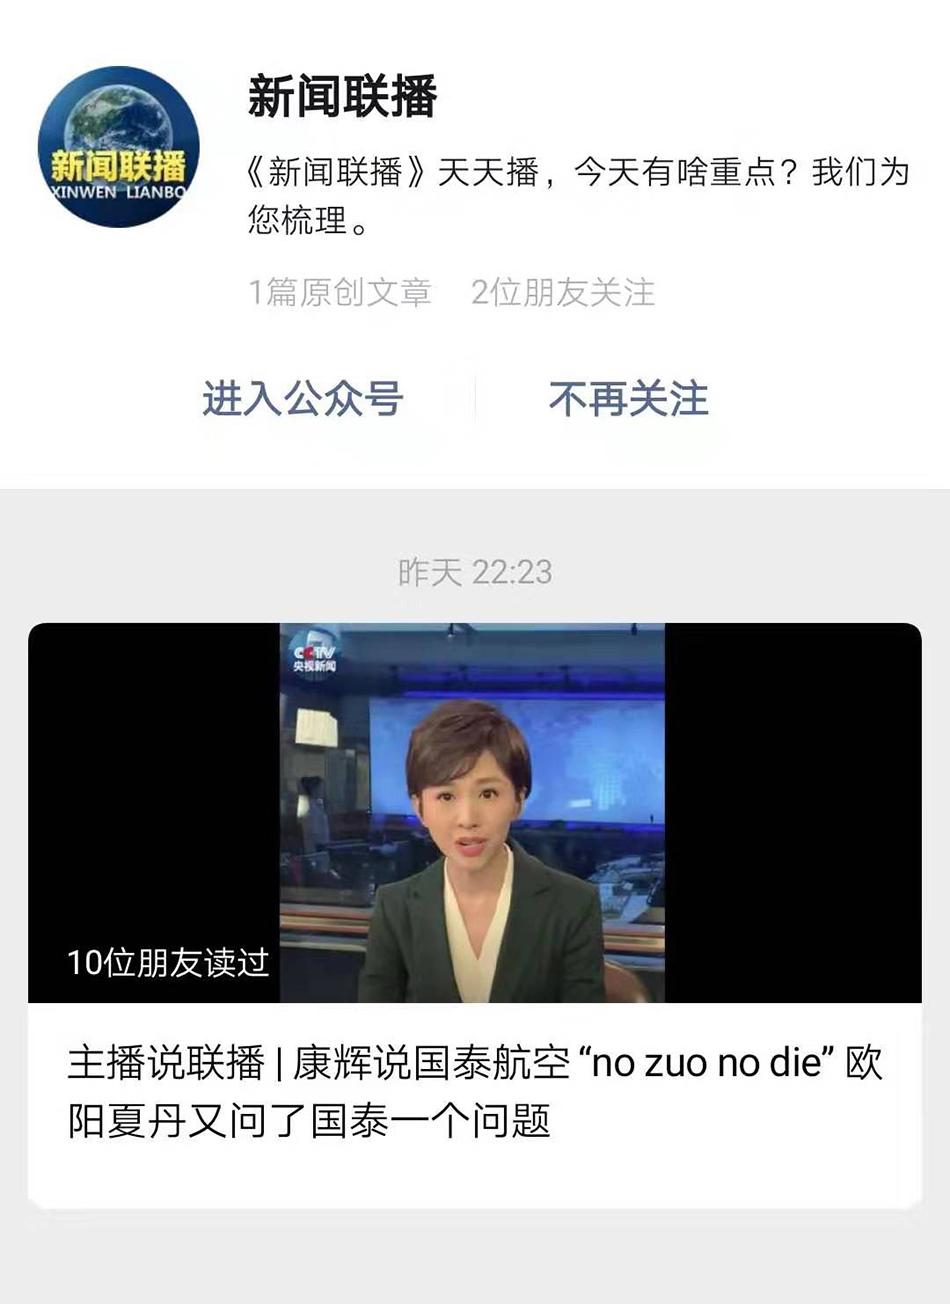 小沈阳是否离婚 新闻联播微信公众号上线 首条微信推送谈国泰航空